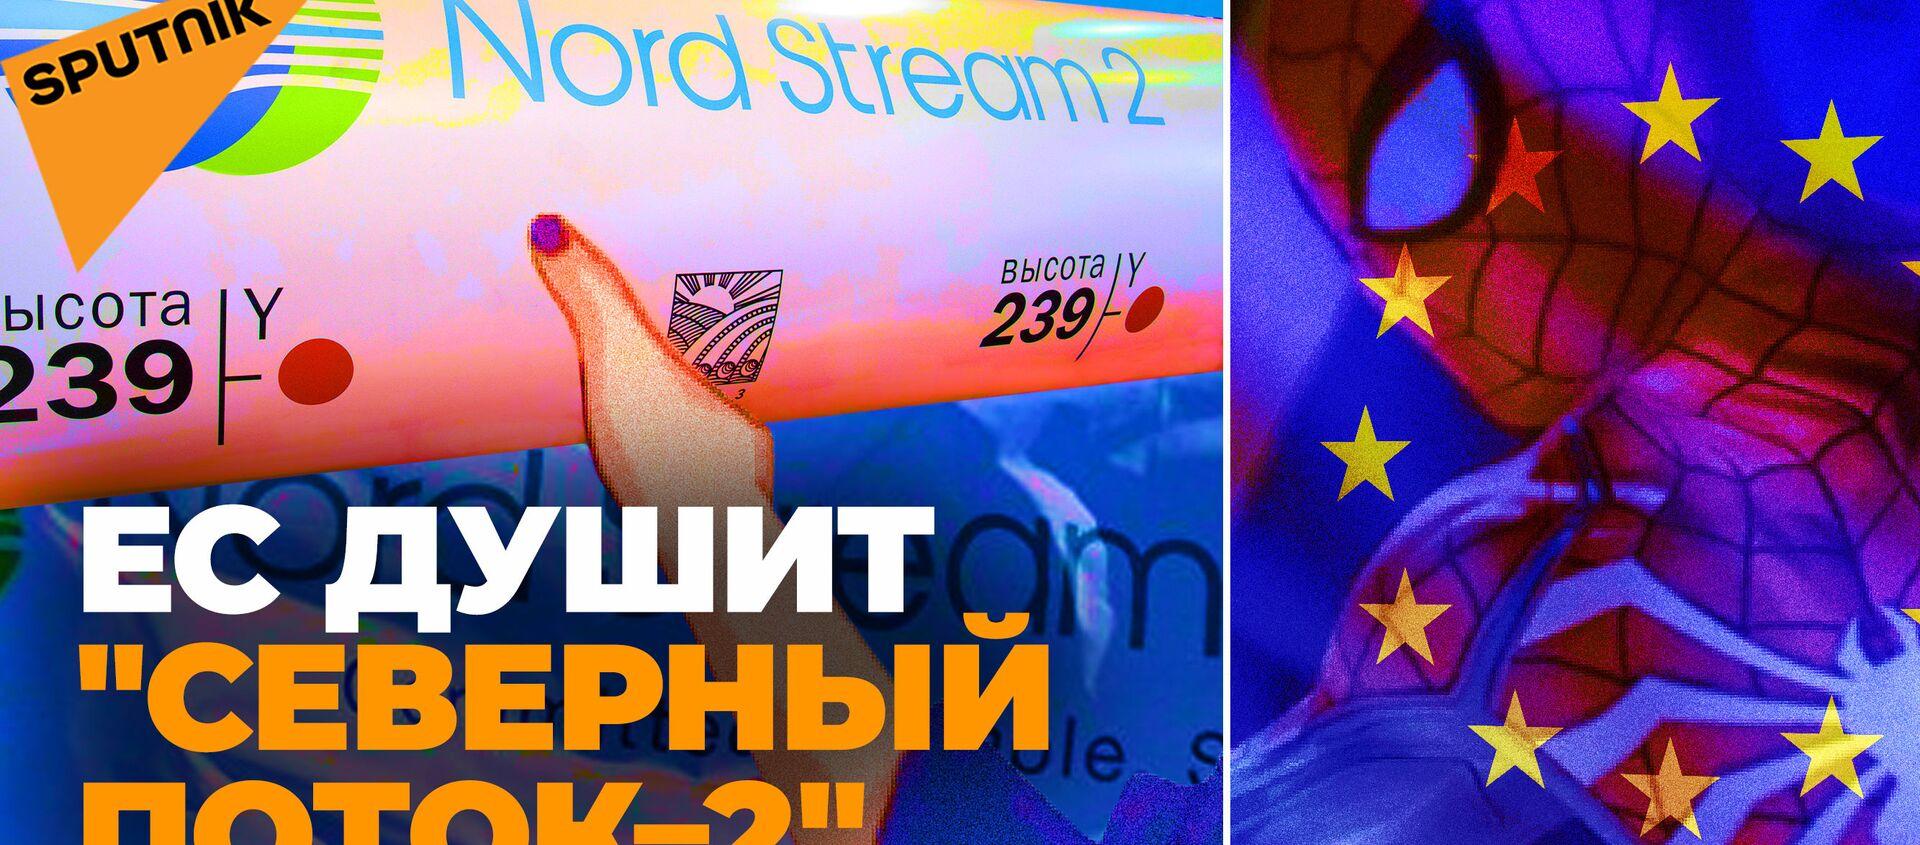 Северный поток - 2 могут запретить. Чем ответят Россия и Германия - Sputnik Южная Осетия, 1920, 02.05.2021